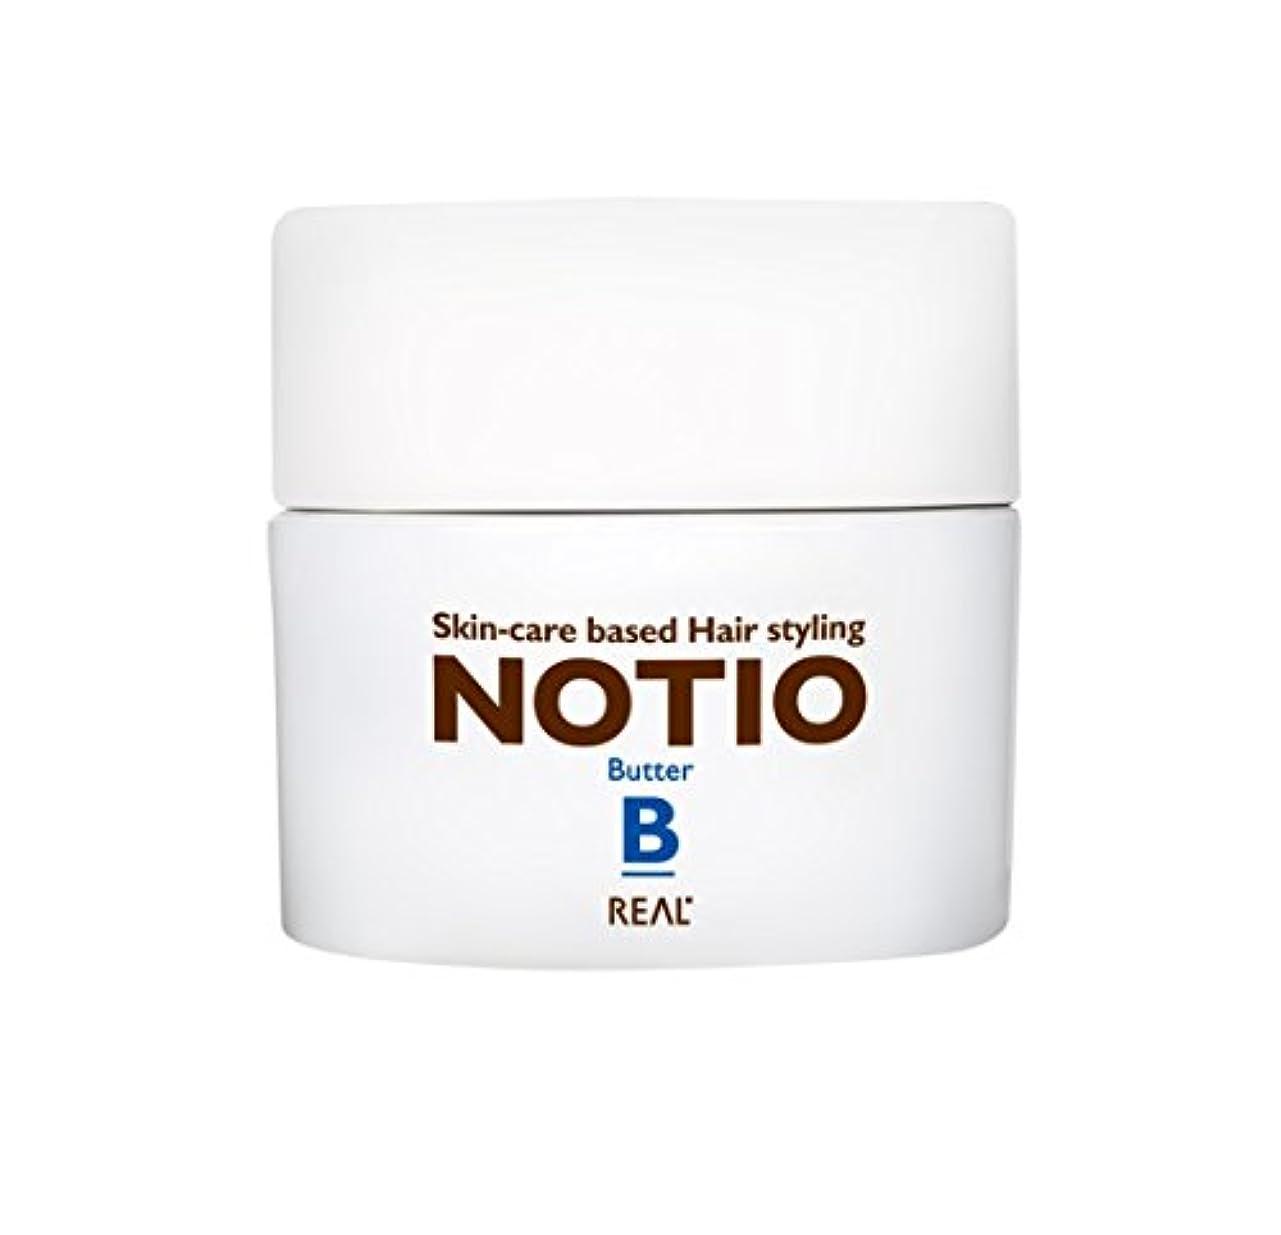 気になる値するコストリアル化学 ノティオ (NOTIO) バター 45g